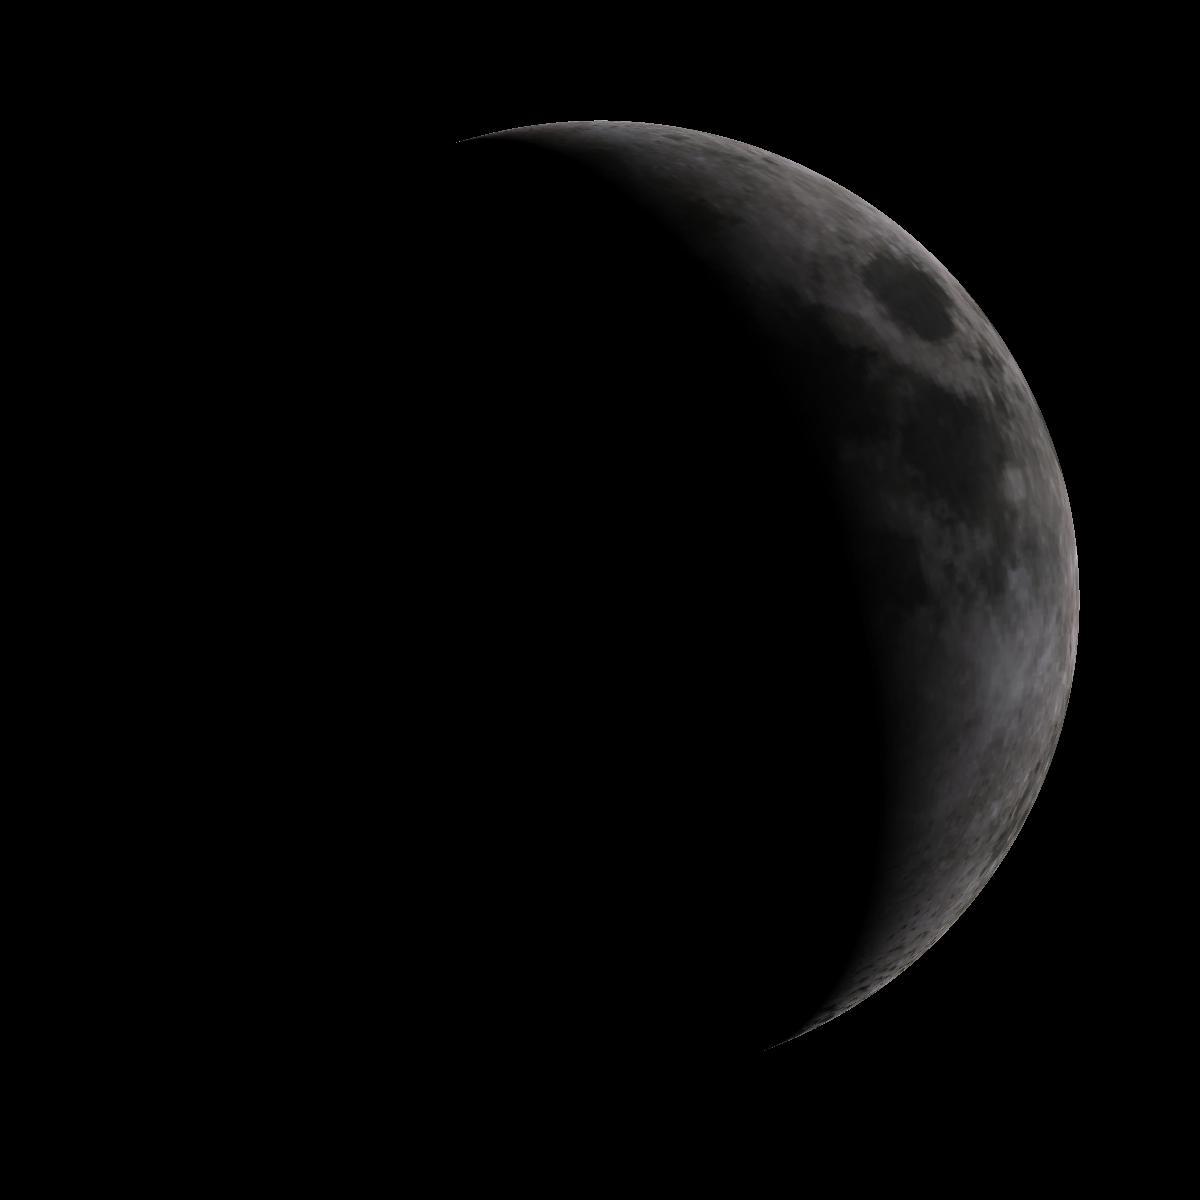 Lune du 26 juin 2020